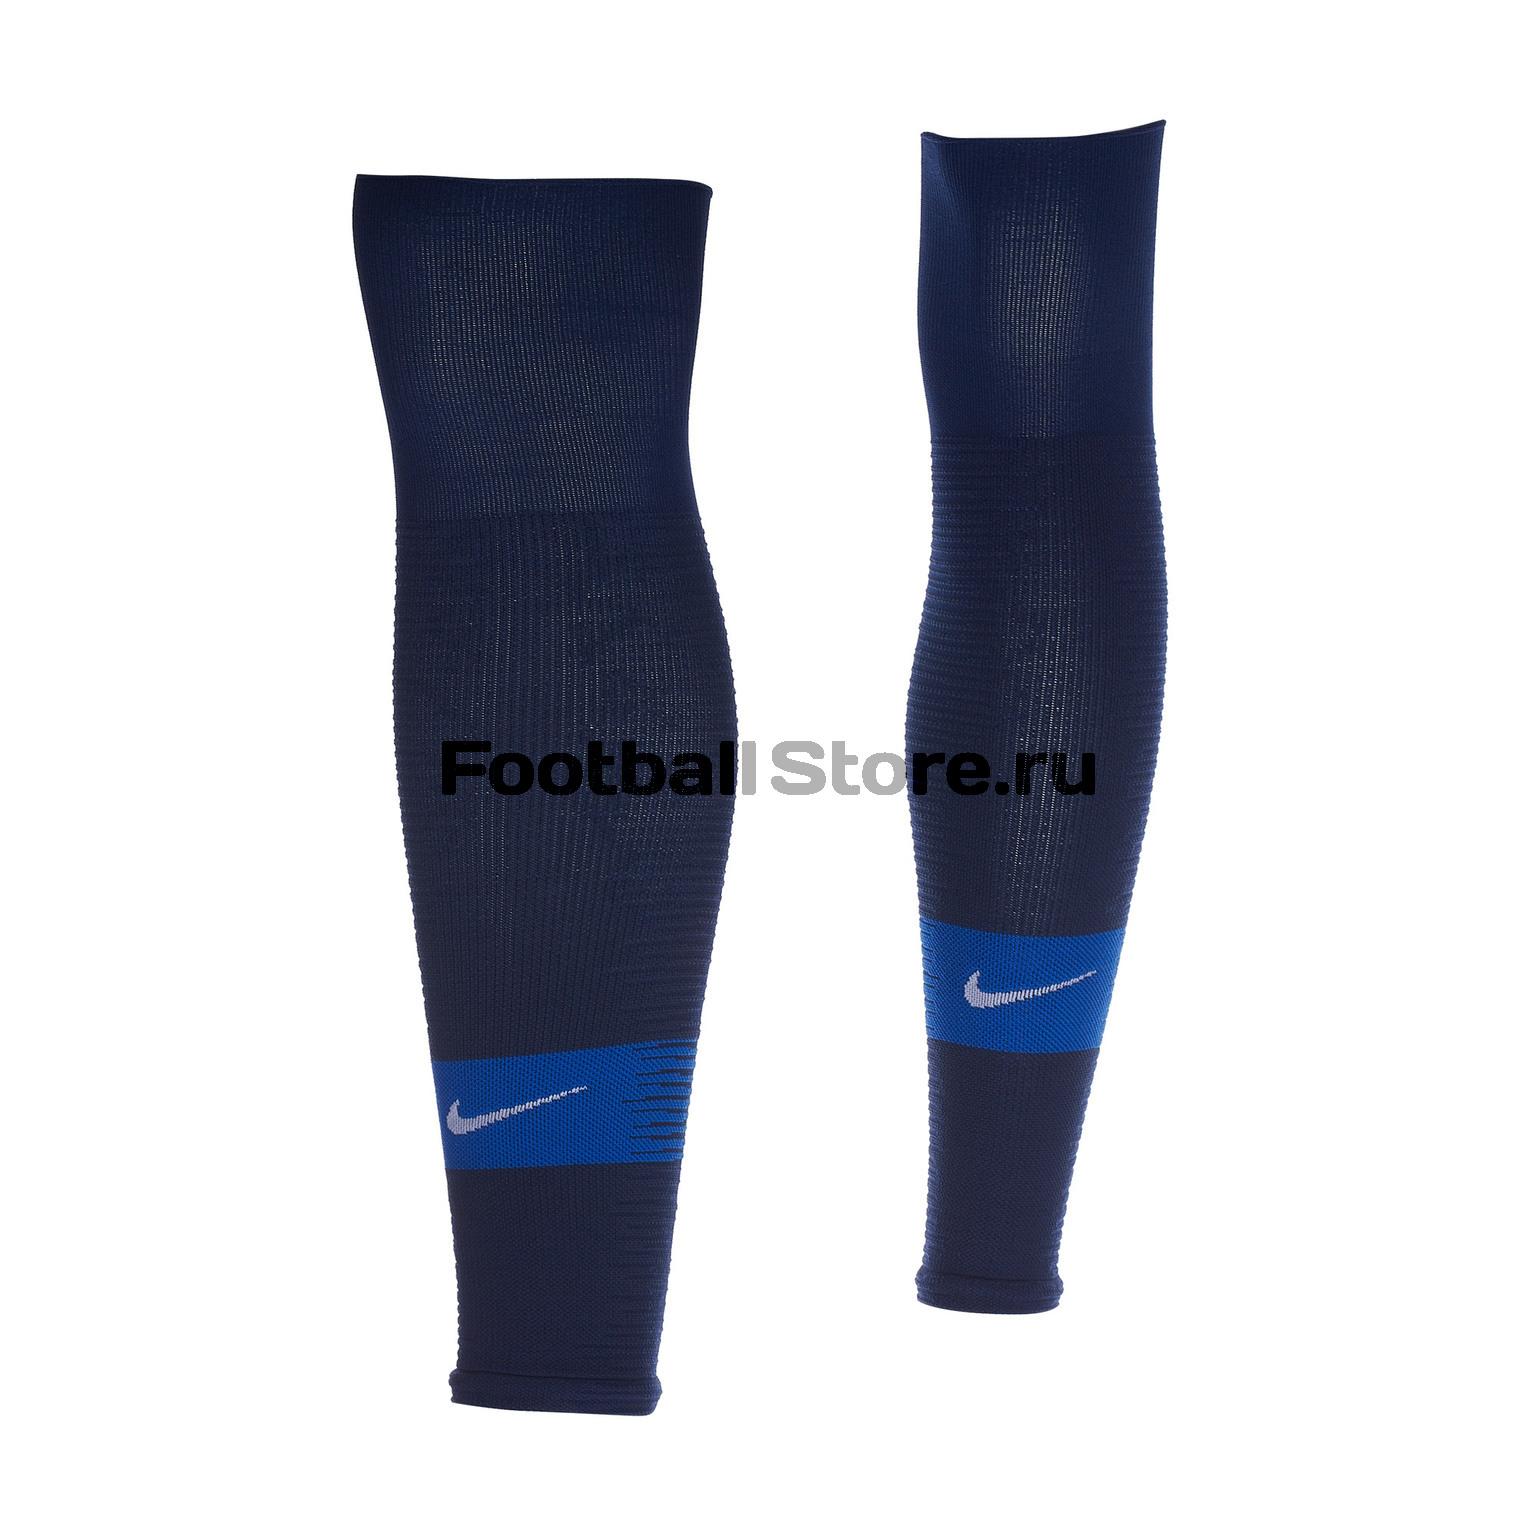 Гетры Nike Strike Leg Sleeve SX7152-411 nike nike thigh sleeve